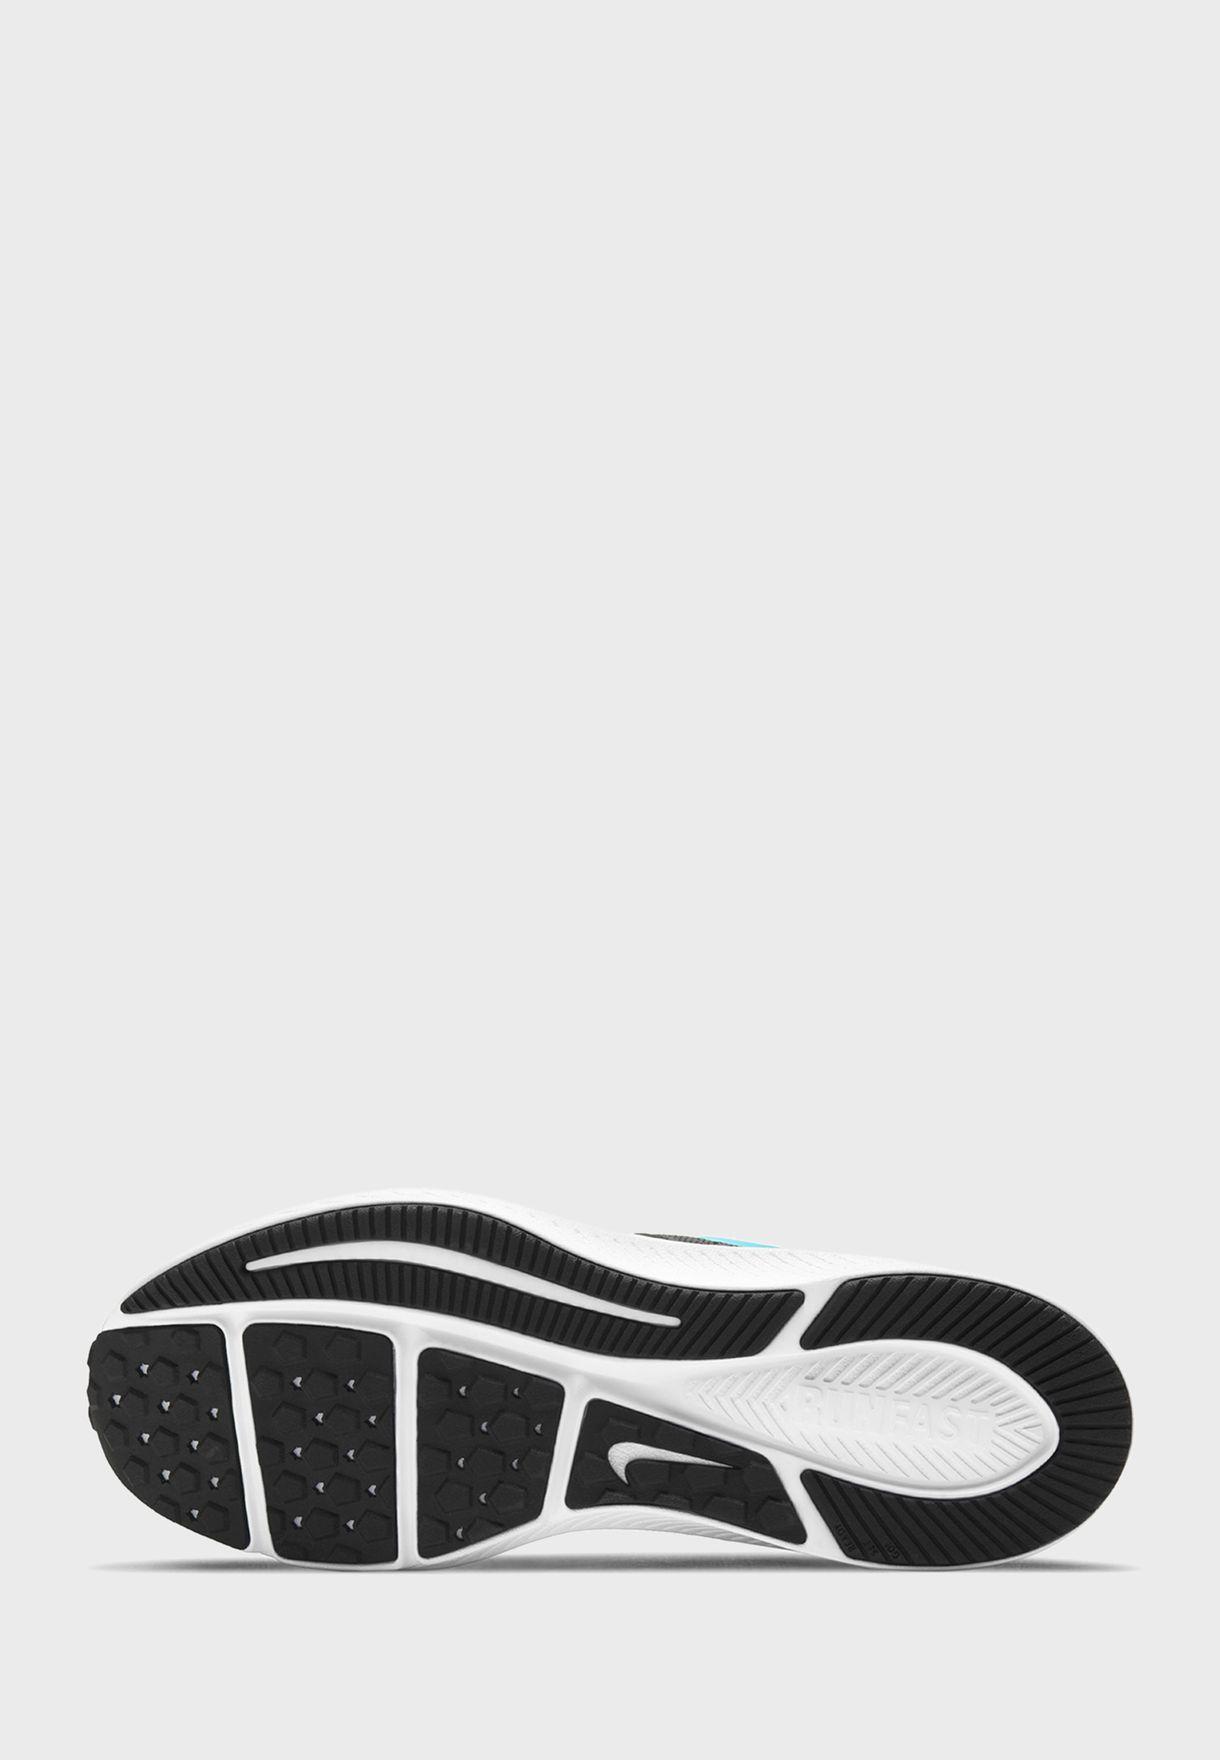 حذاء ستار رنر 2